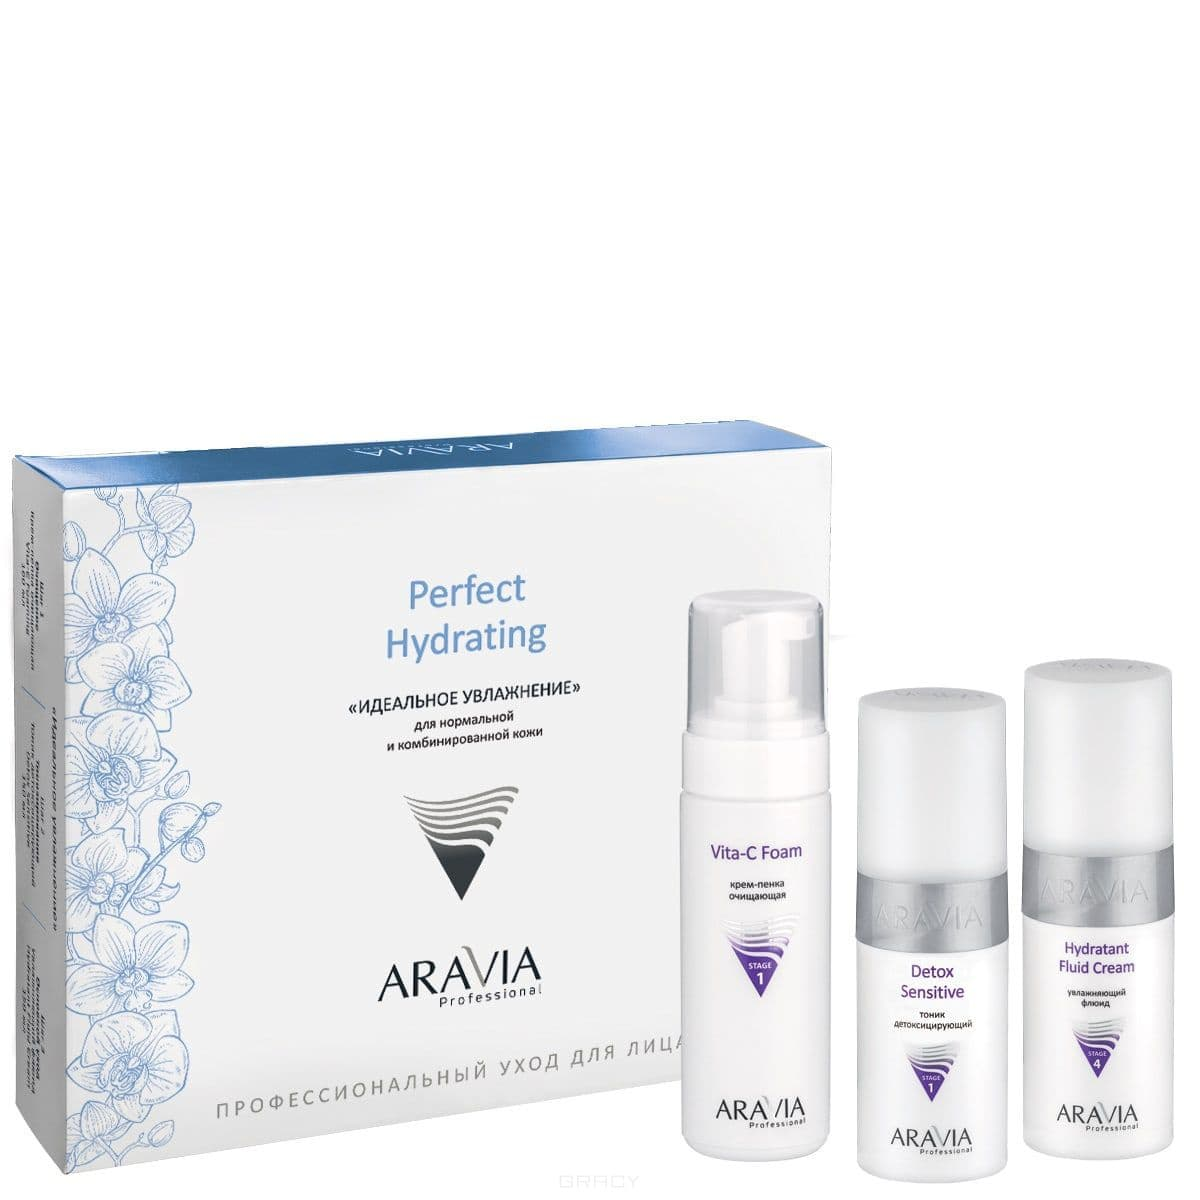 Aravia Набор для лица «Идеальное увлажнение», 2х150+160 мл acanthopanax root extract powder